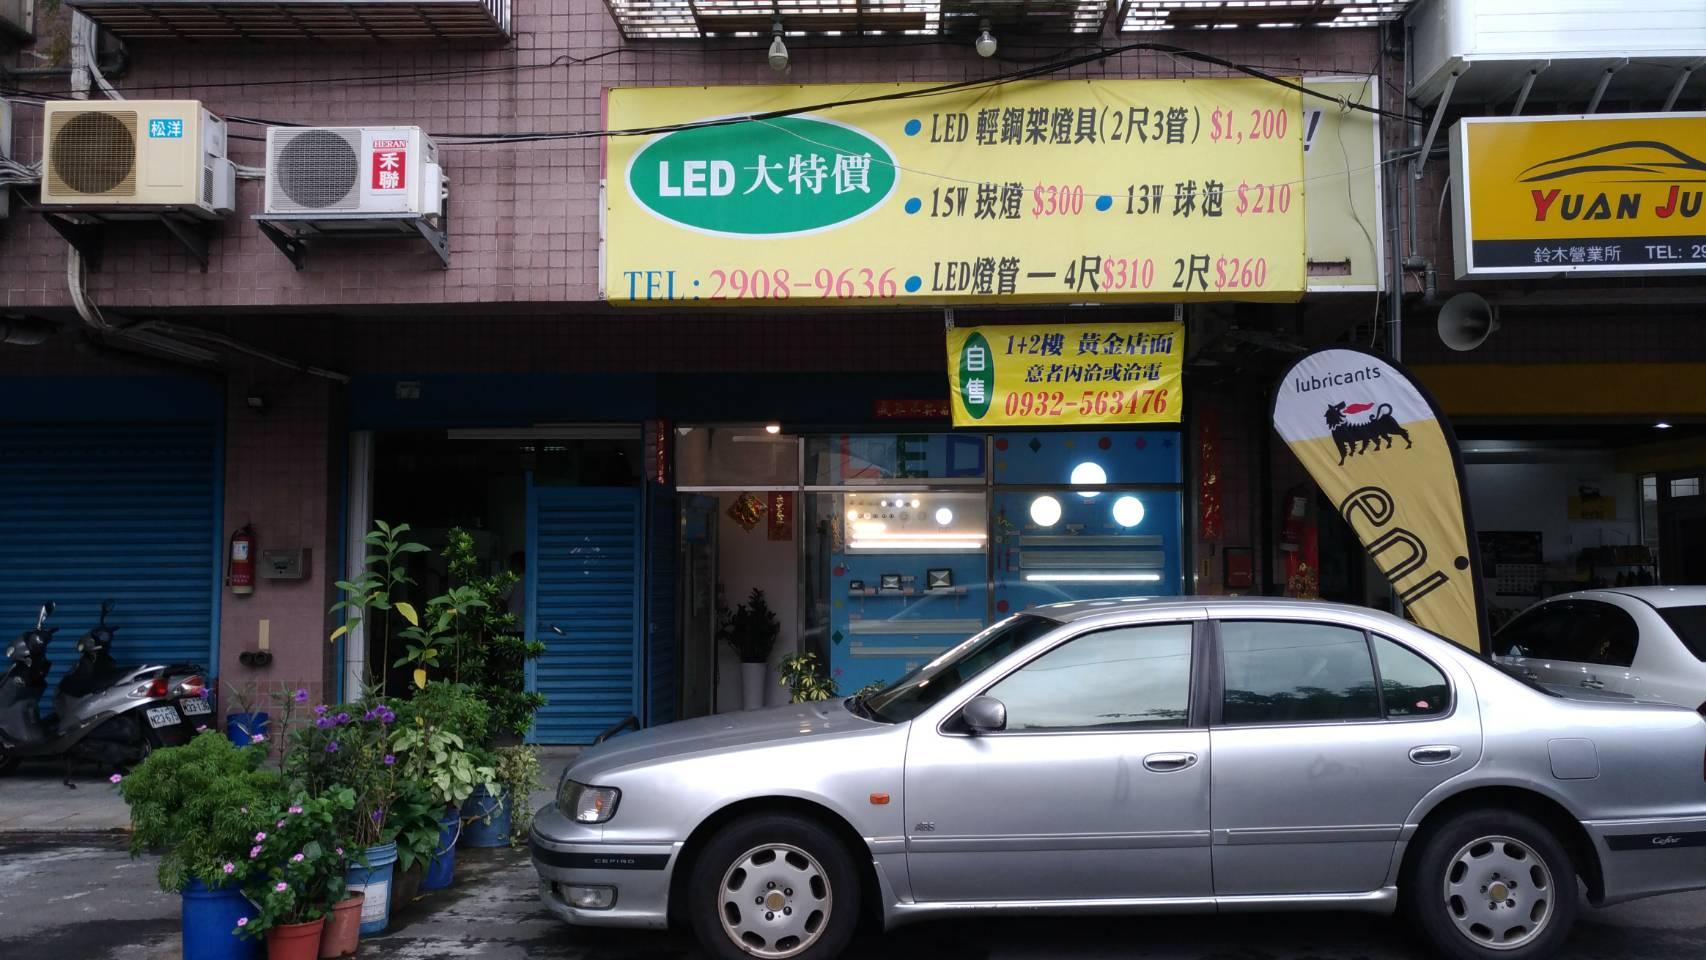 丹鳳捷運站2號出口100公尺鈴木華城 1 加 2樓金店面(門前可停兩部車)